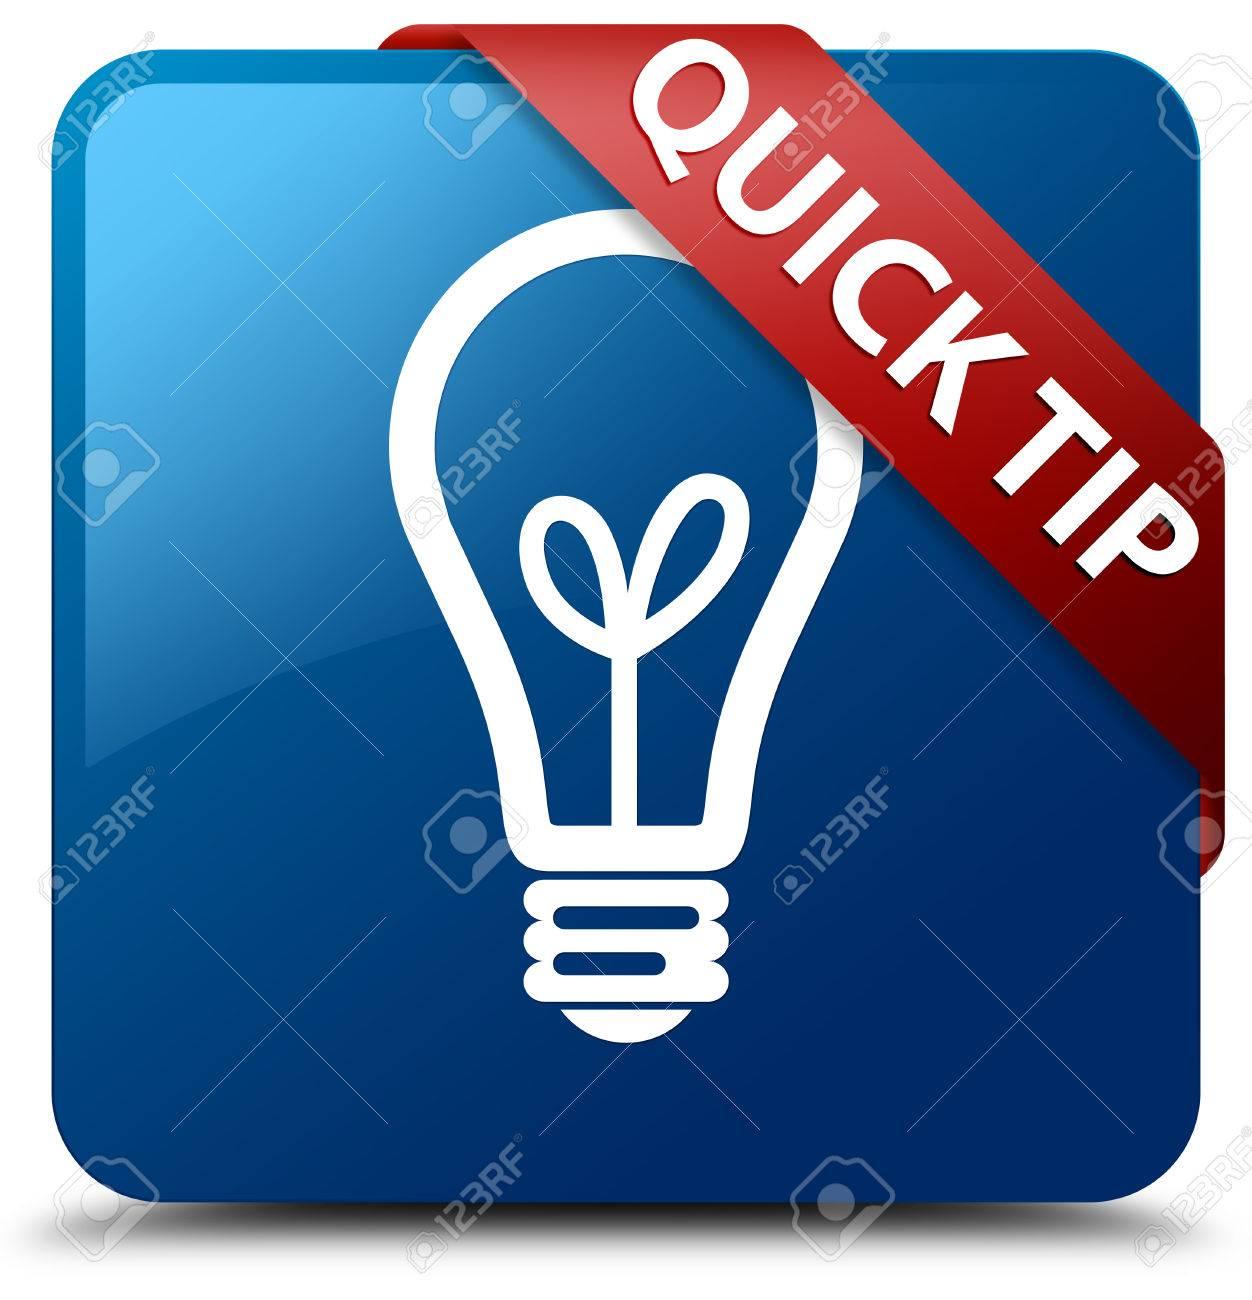 Quick-Tipp (Glühbirne Symbol) Glänzend Blauen Schalter Lizenzfreie ...